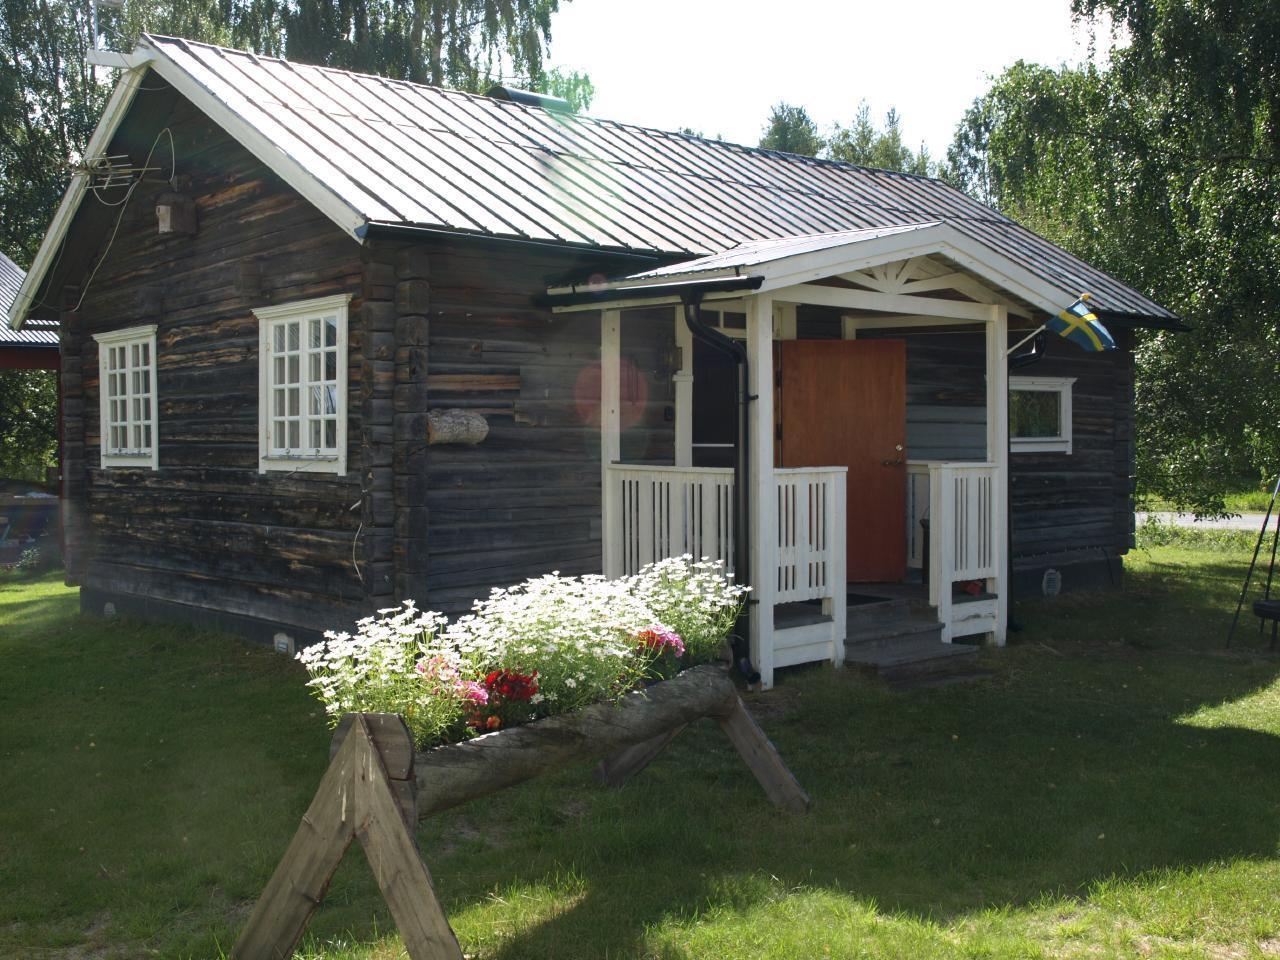 Ferienhaus Lillesstuga (1079396), Gargnäs, Västerbottens län, Nordschweden, Schweden, Bild 13